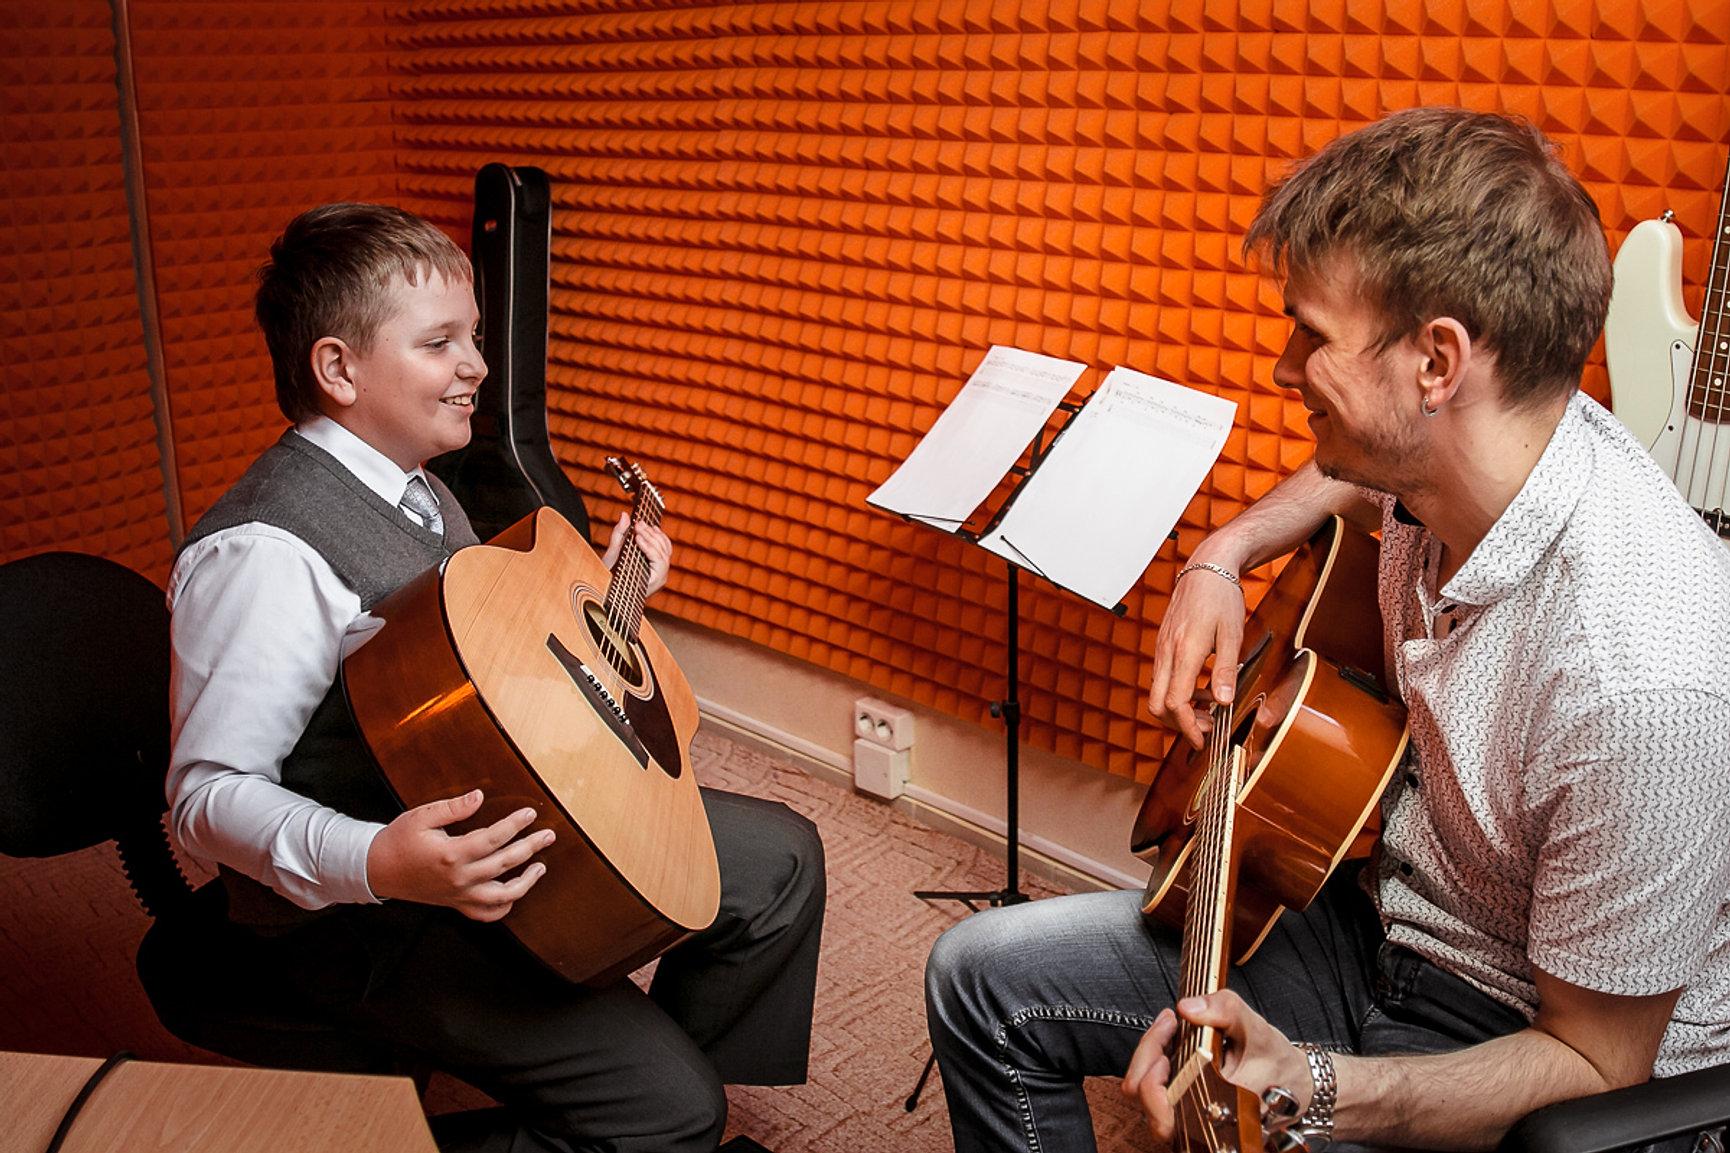 Обзоры видеокурсов обучения игры на гитаре вокала и